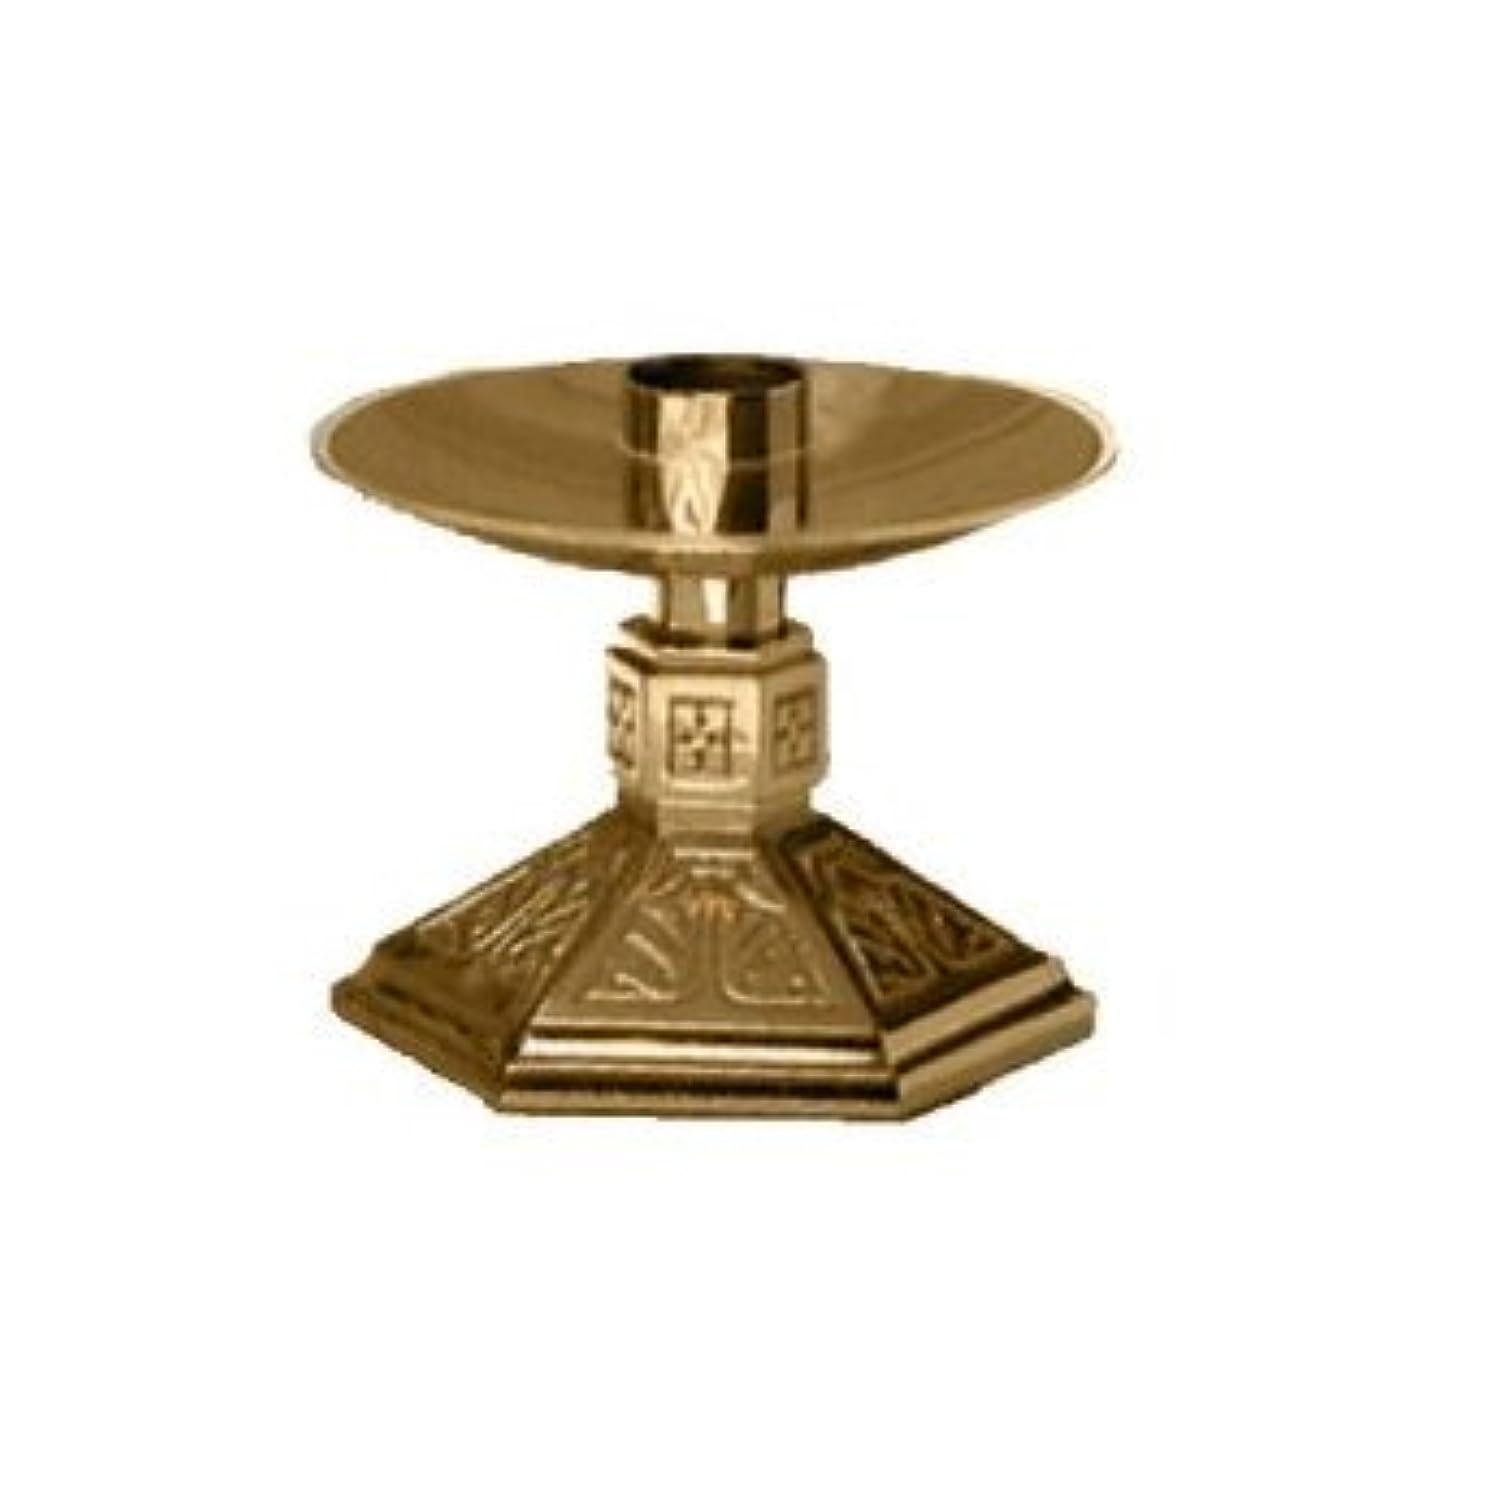 壁インストラクターシールドAltar Candlestick Style: Satin Bronze 242-L-SBZ